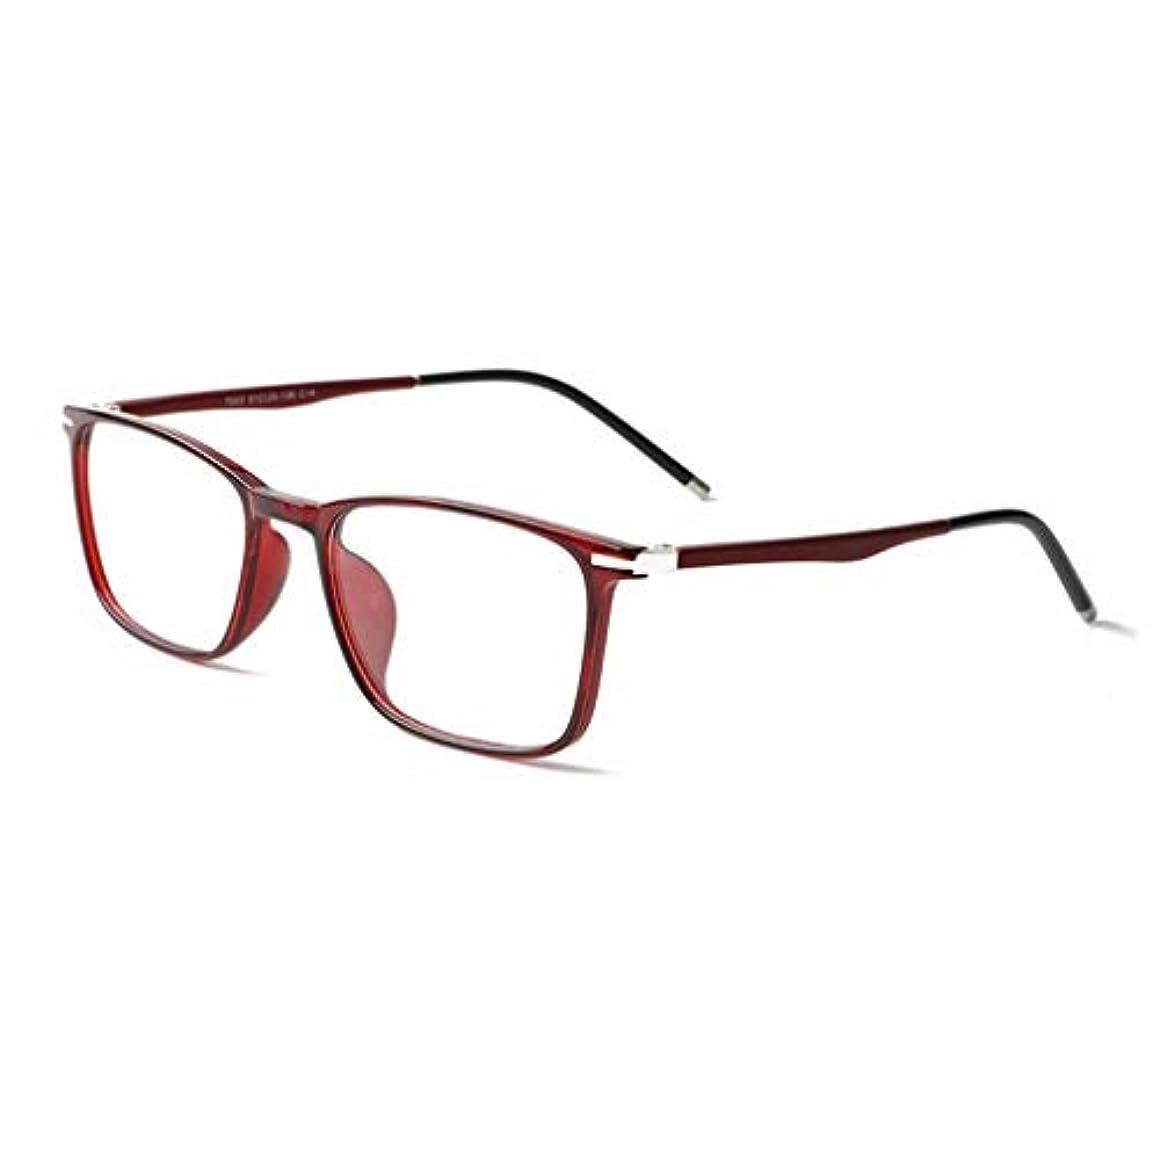 ダッシュ国家素人老眼鏡 フォトクロミック老眼鏡、プログレッシブ多焦点老眼鏡、遠近両用眼鏡、TRフレームサングラス、ユニセックス/インテリジェントカラーチェンジ/UVプロテクション